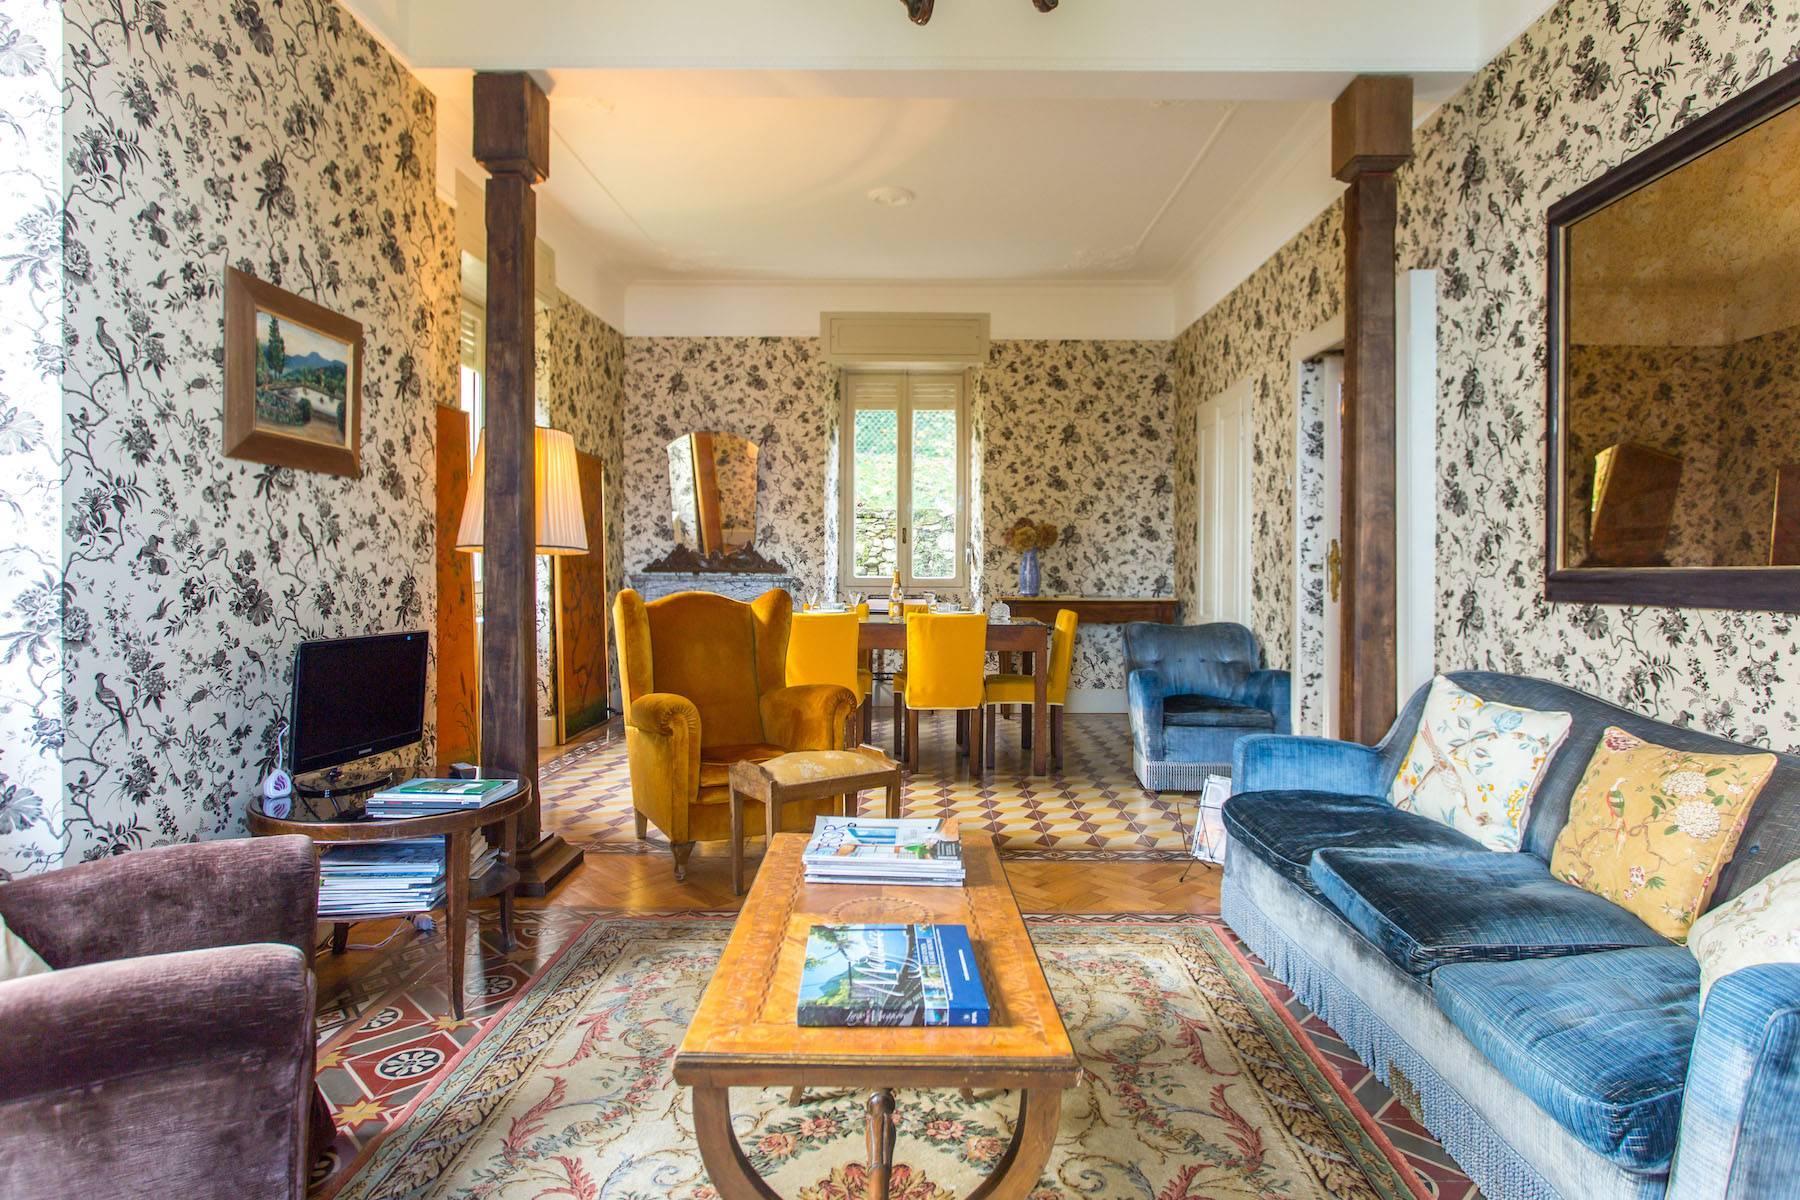 Incantevole Villa in stile Liberty con affaccio mozzafiato sul lago Maggiore e sulle sue isole Borromee - 3